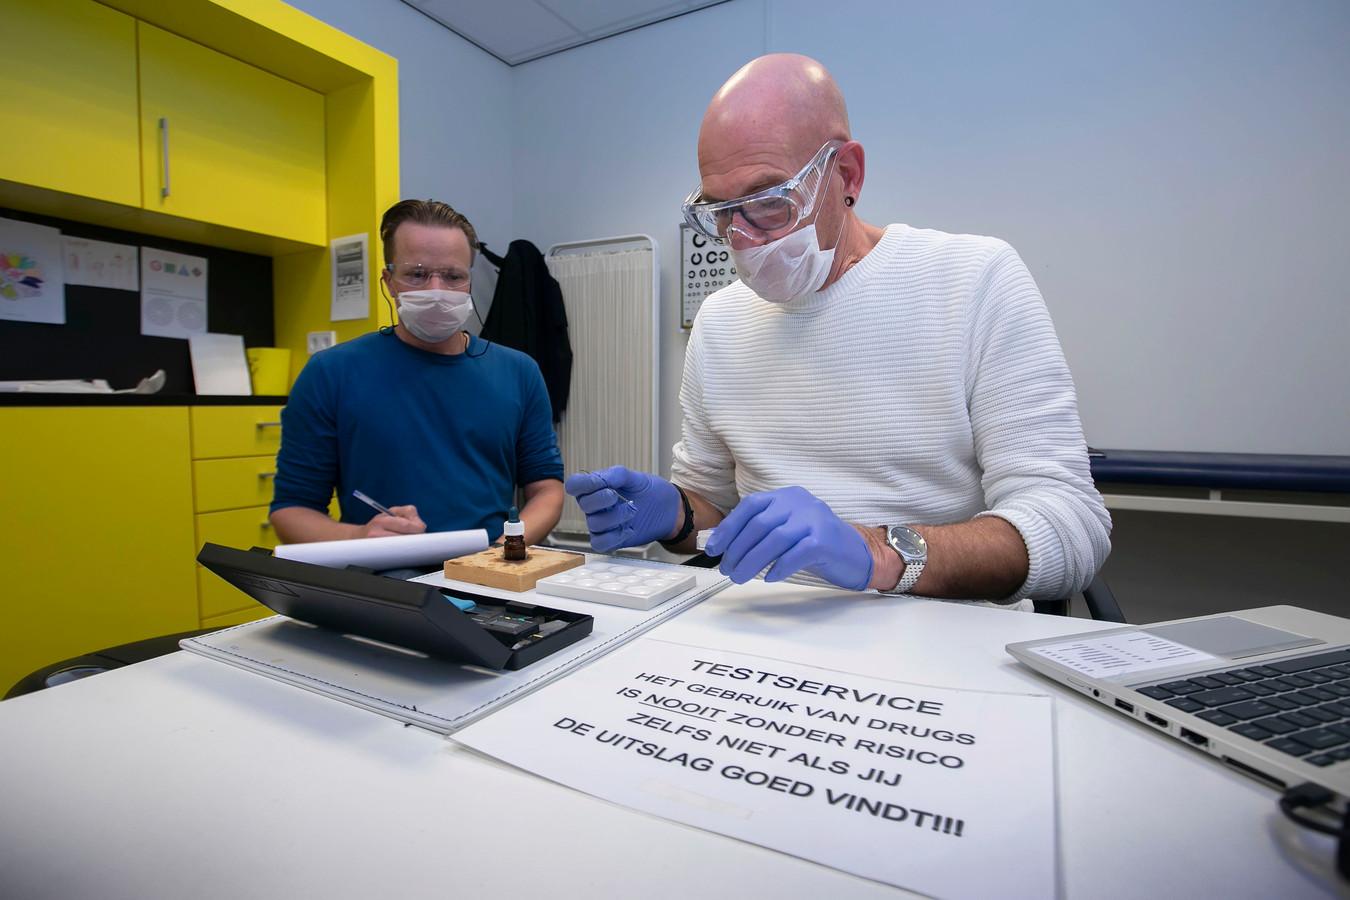 Charles Dorpmans (rechts) van Novadic Kentron in Brabant neemt een monster van een te testen designerdrug. Veiligheidsbril, masker en handschoenen zijn tegenwoordig verplicht.